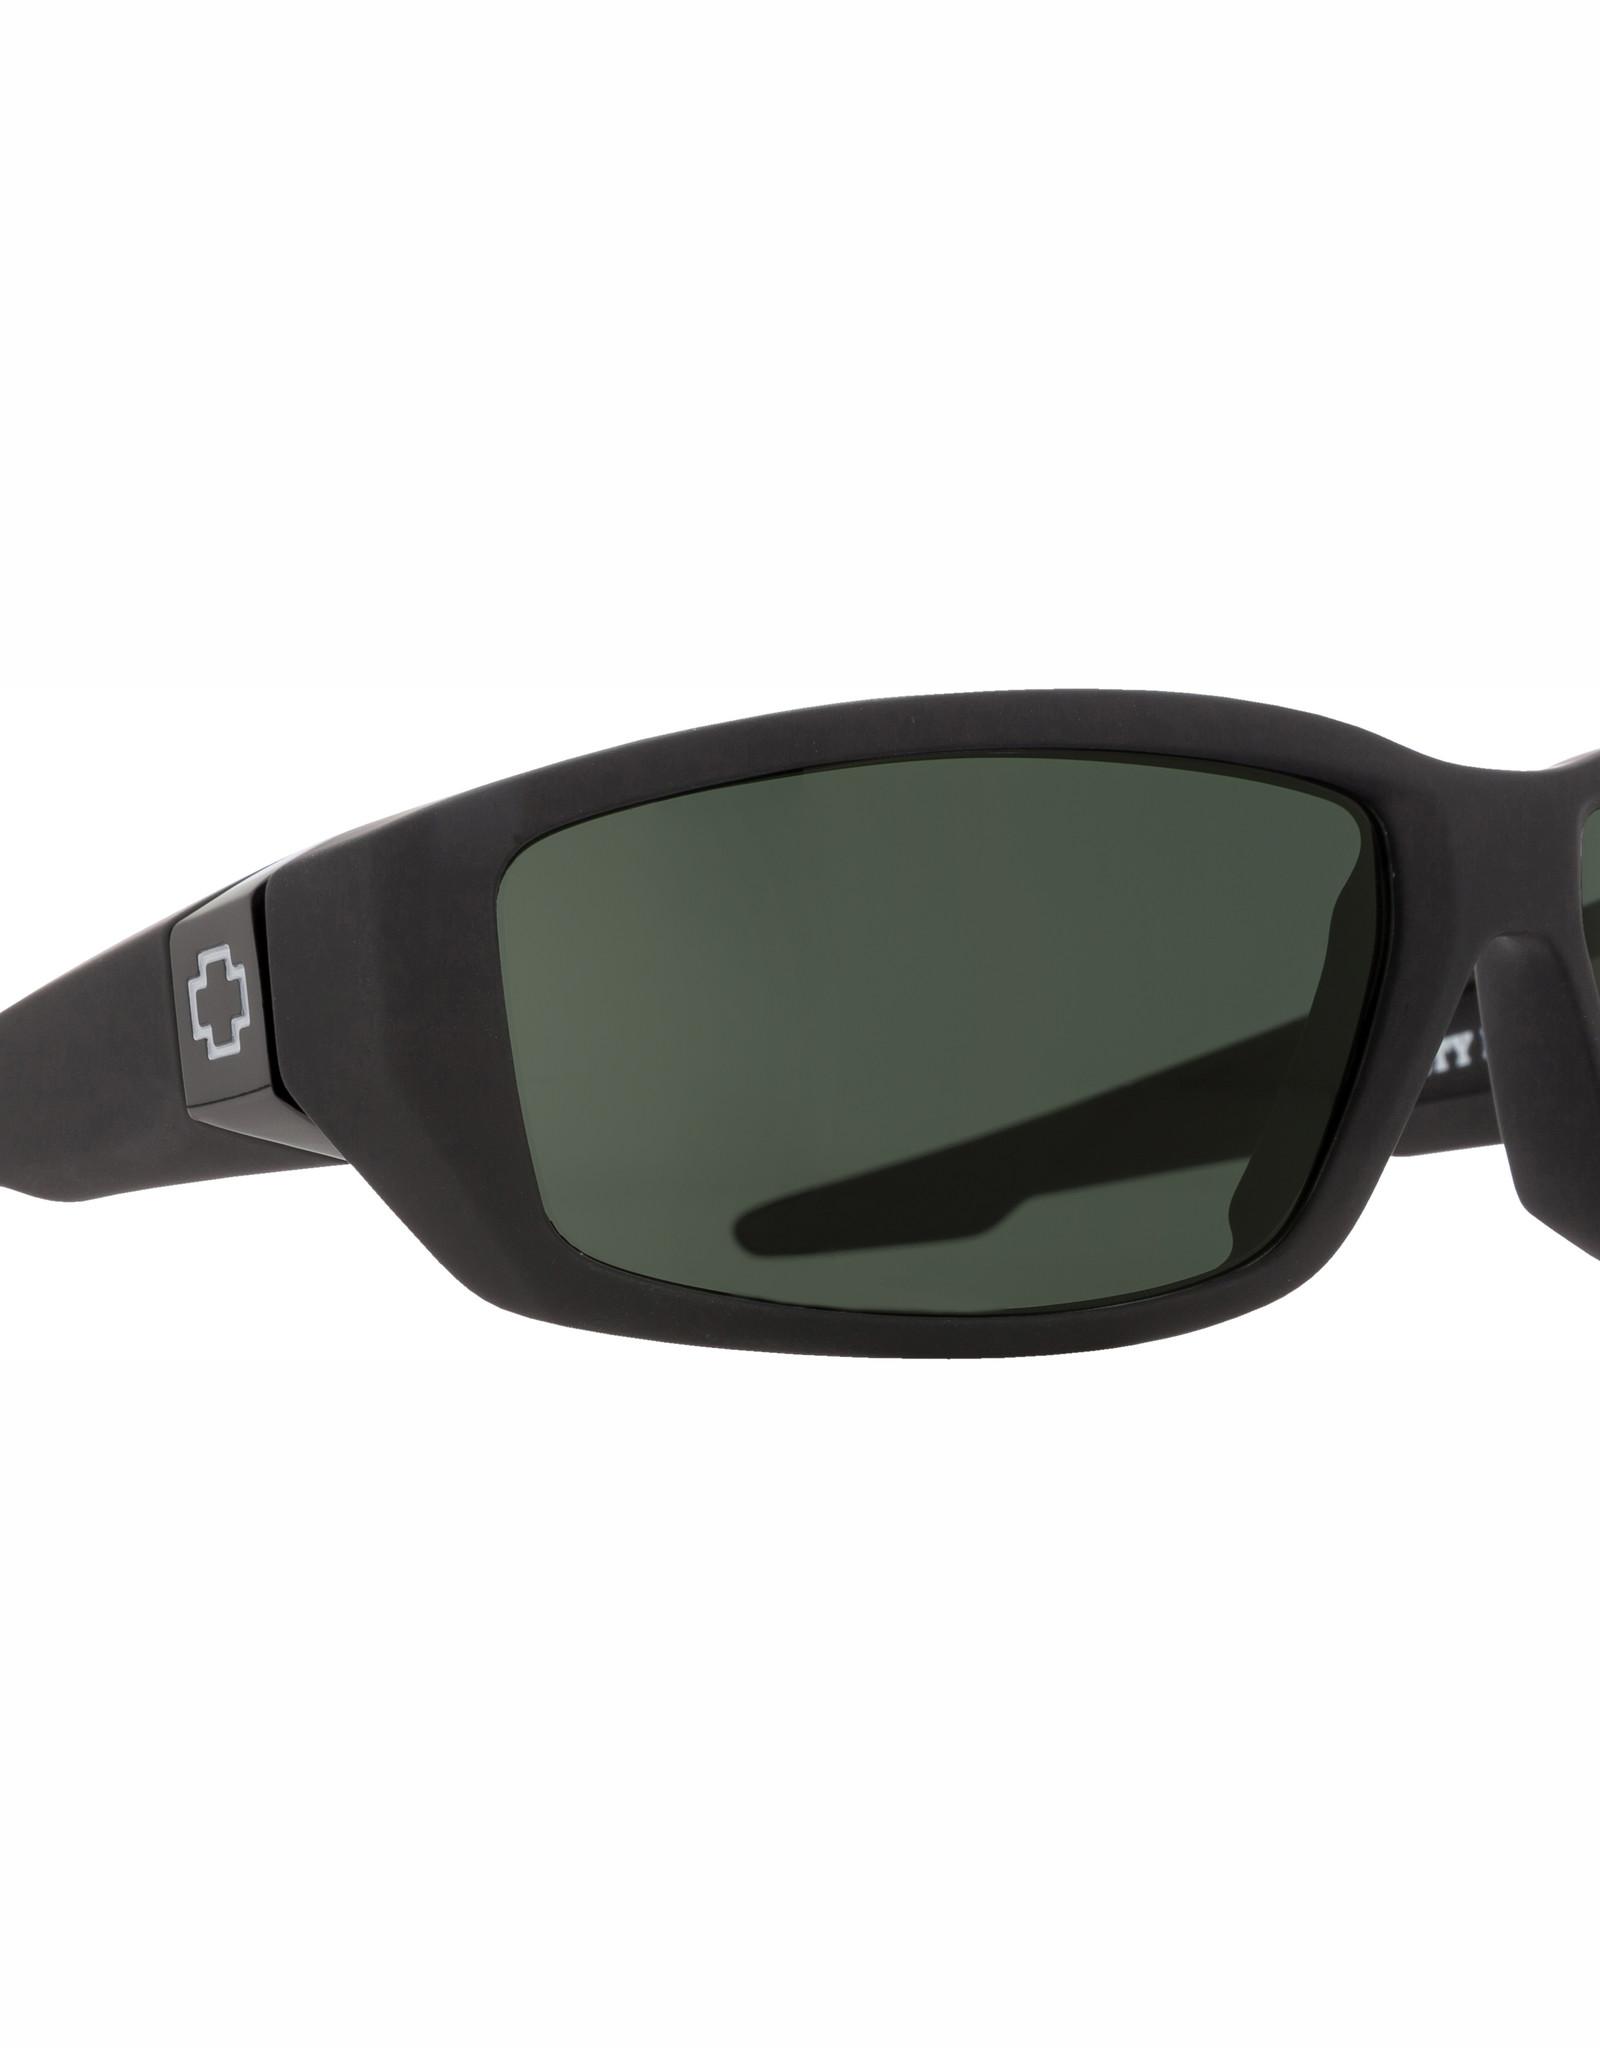 Spy Dirty Mo Soft Matte Black HD Plus Gray Green